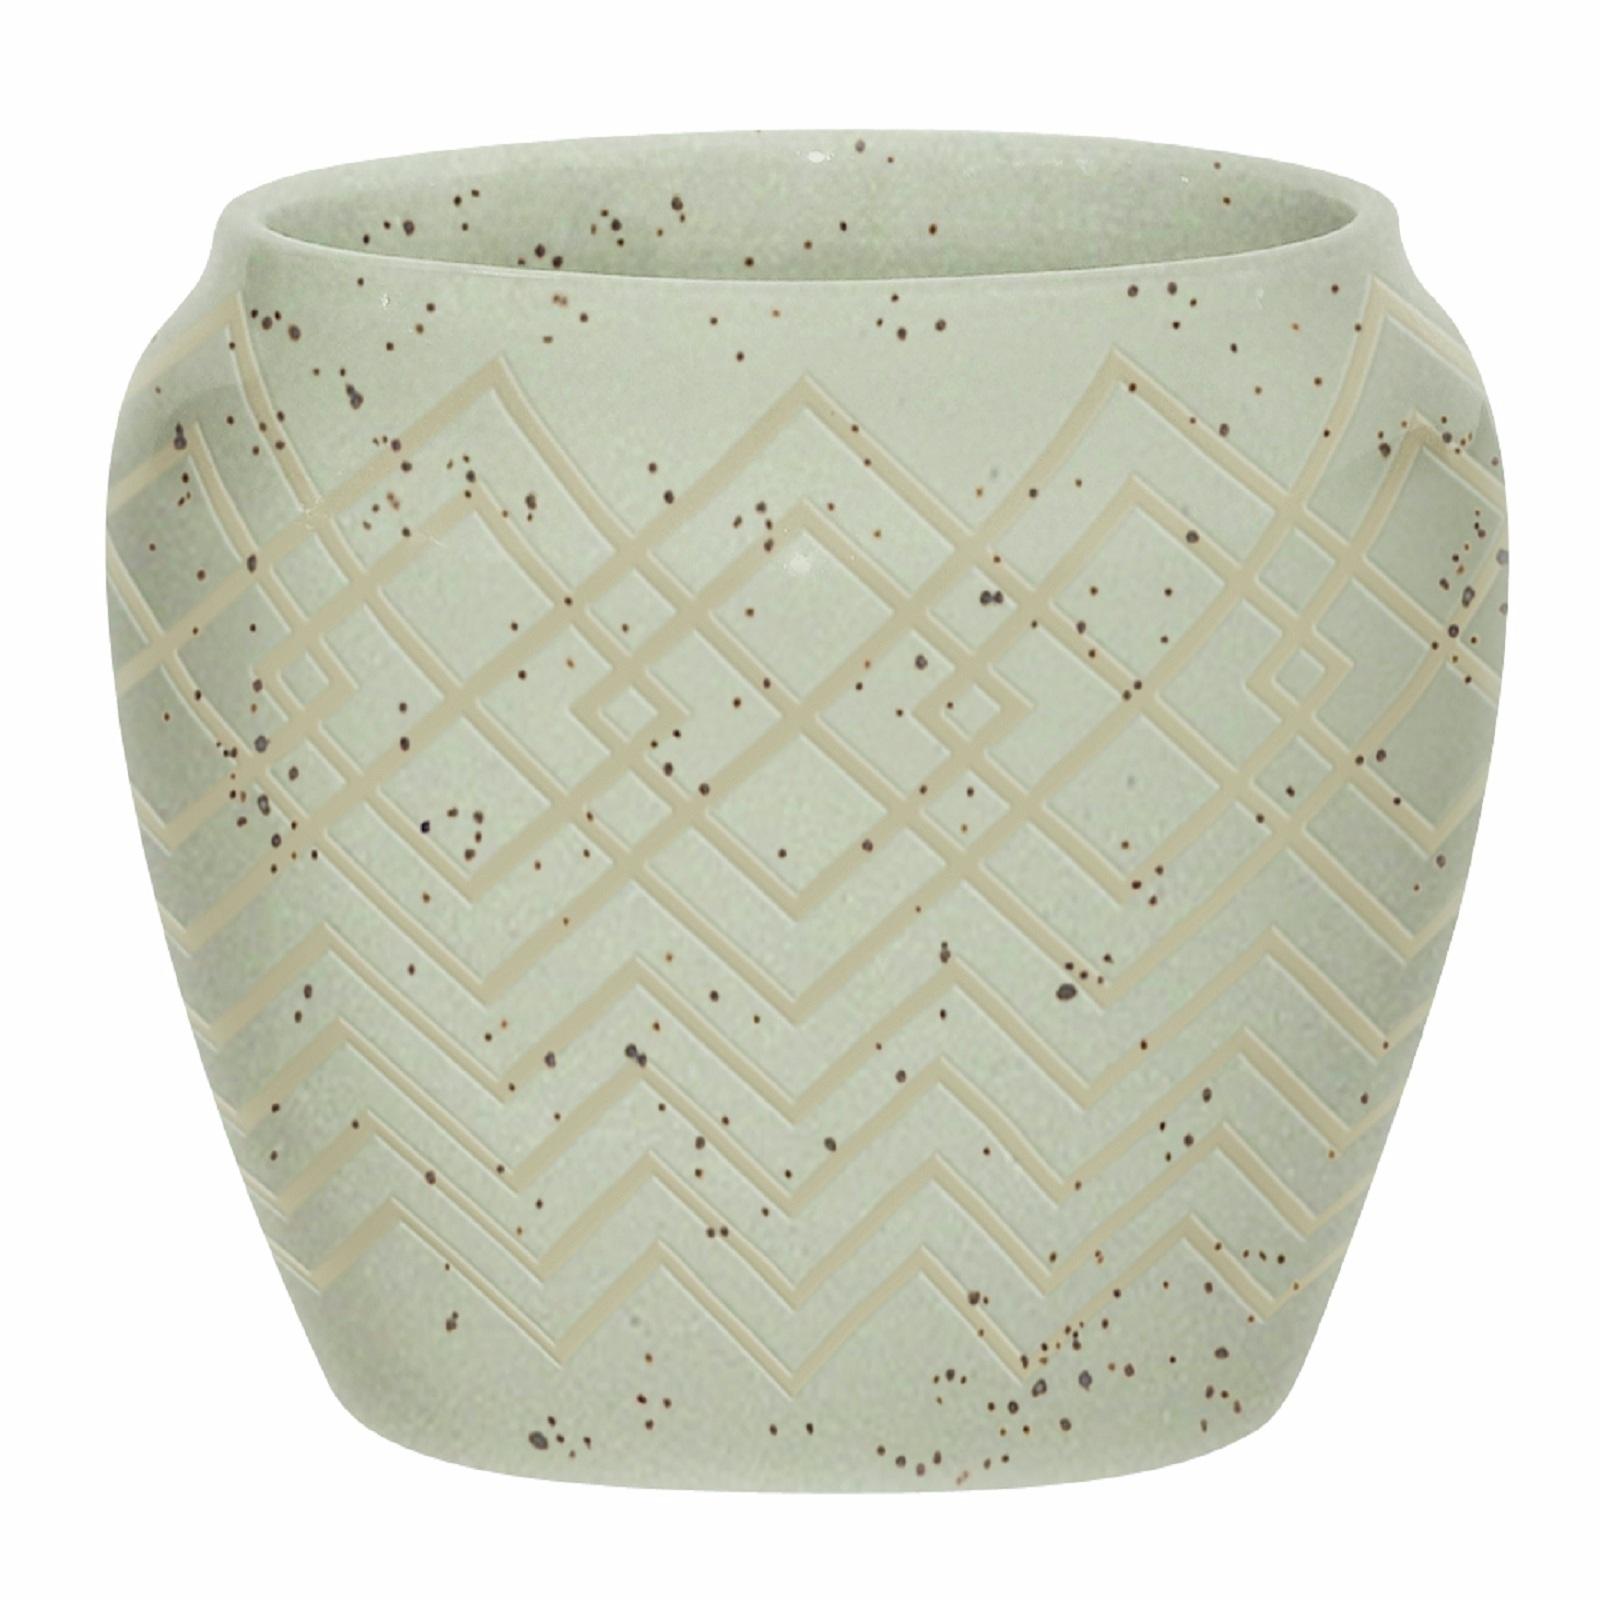 Tuscan Path 30 x 22cm Coconut Large Matilda Ceramic Pot